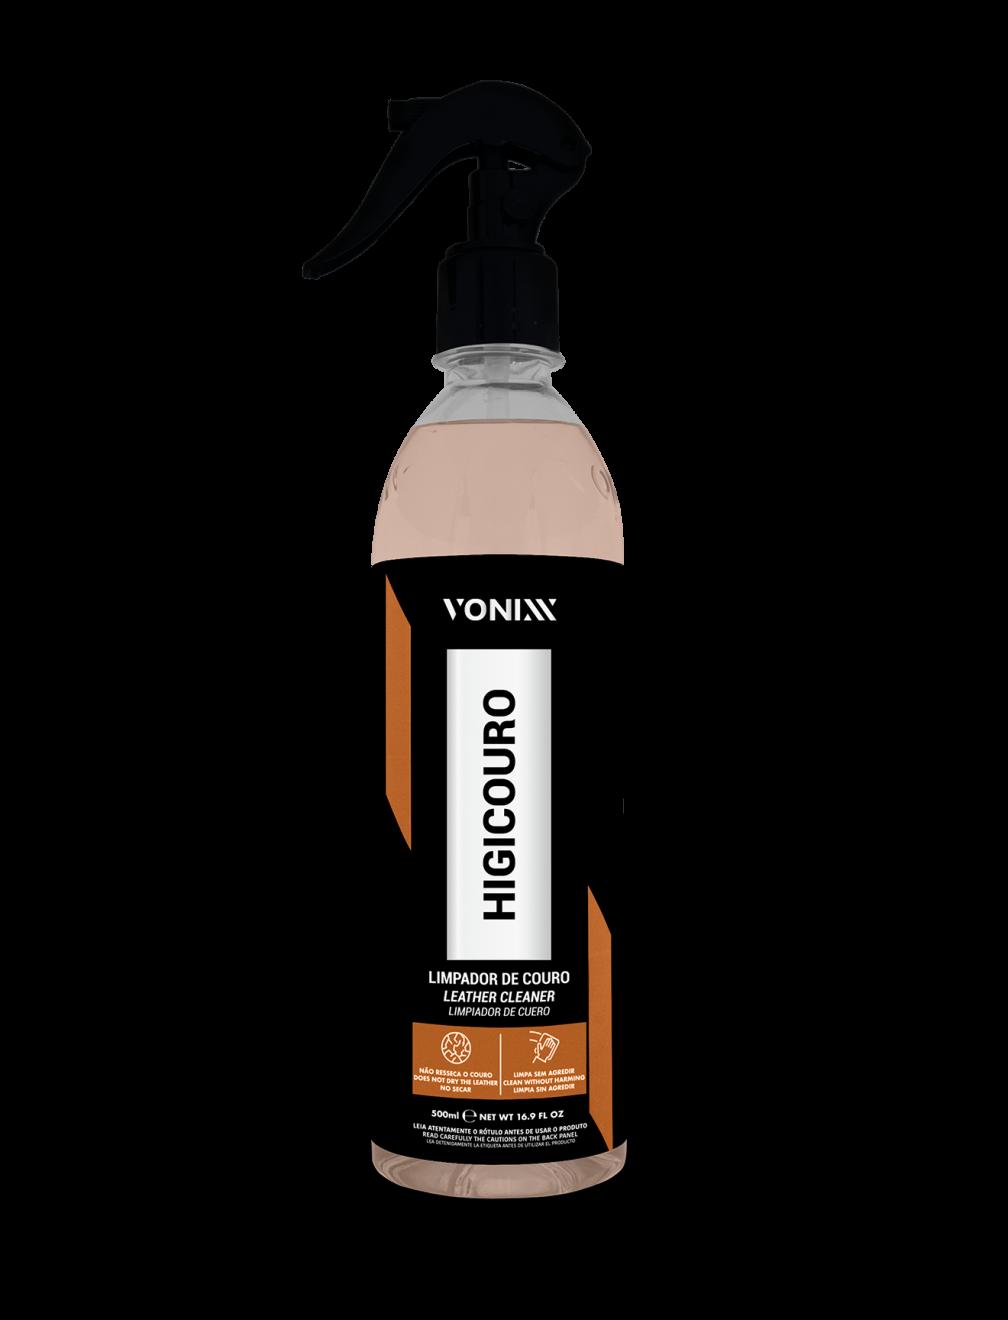 Vonixx Higicouro 500mL - Limpador de bancos de Couro